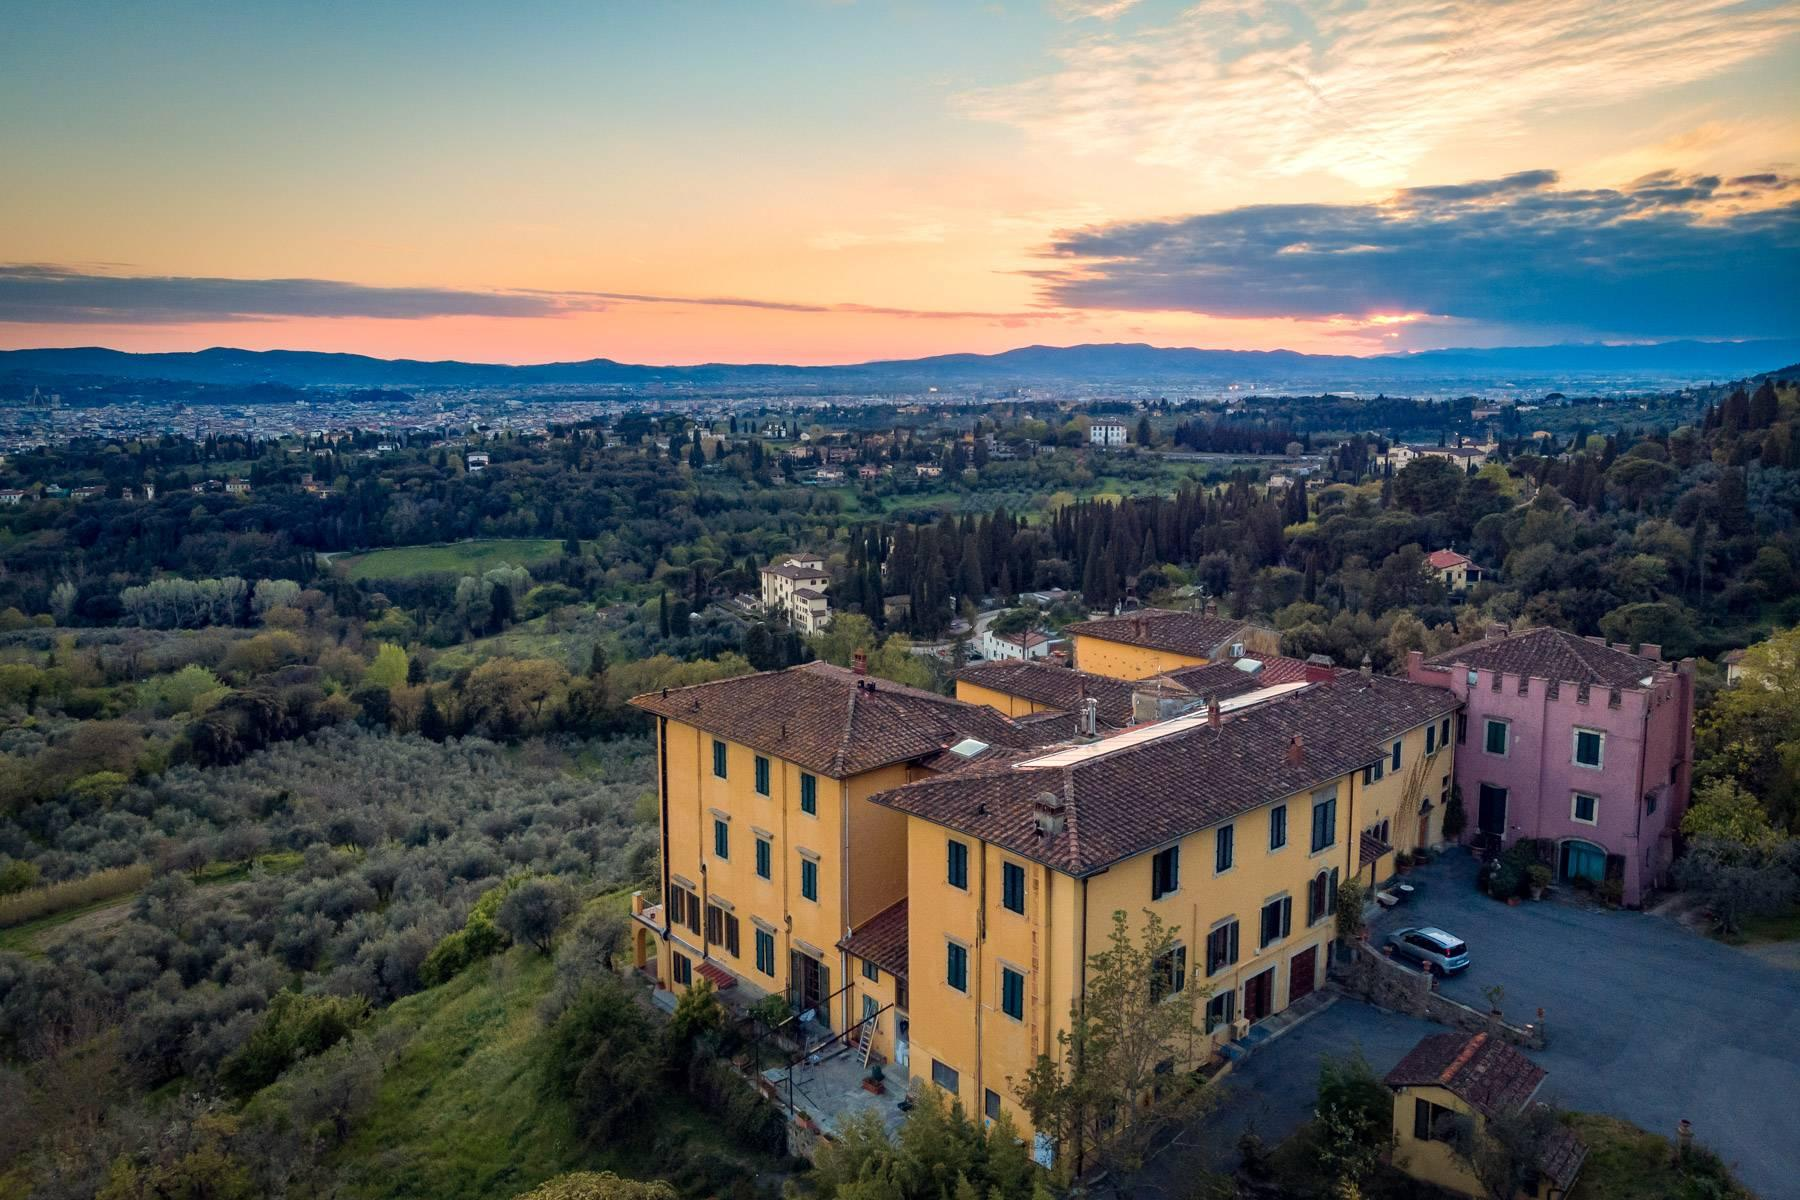 Große historische Villa in Fiesole mit einem unvergleichlichen Blick auf Florenz - 5